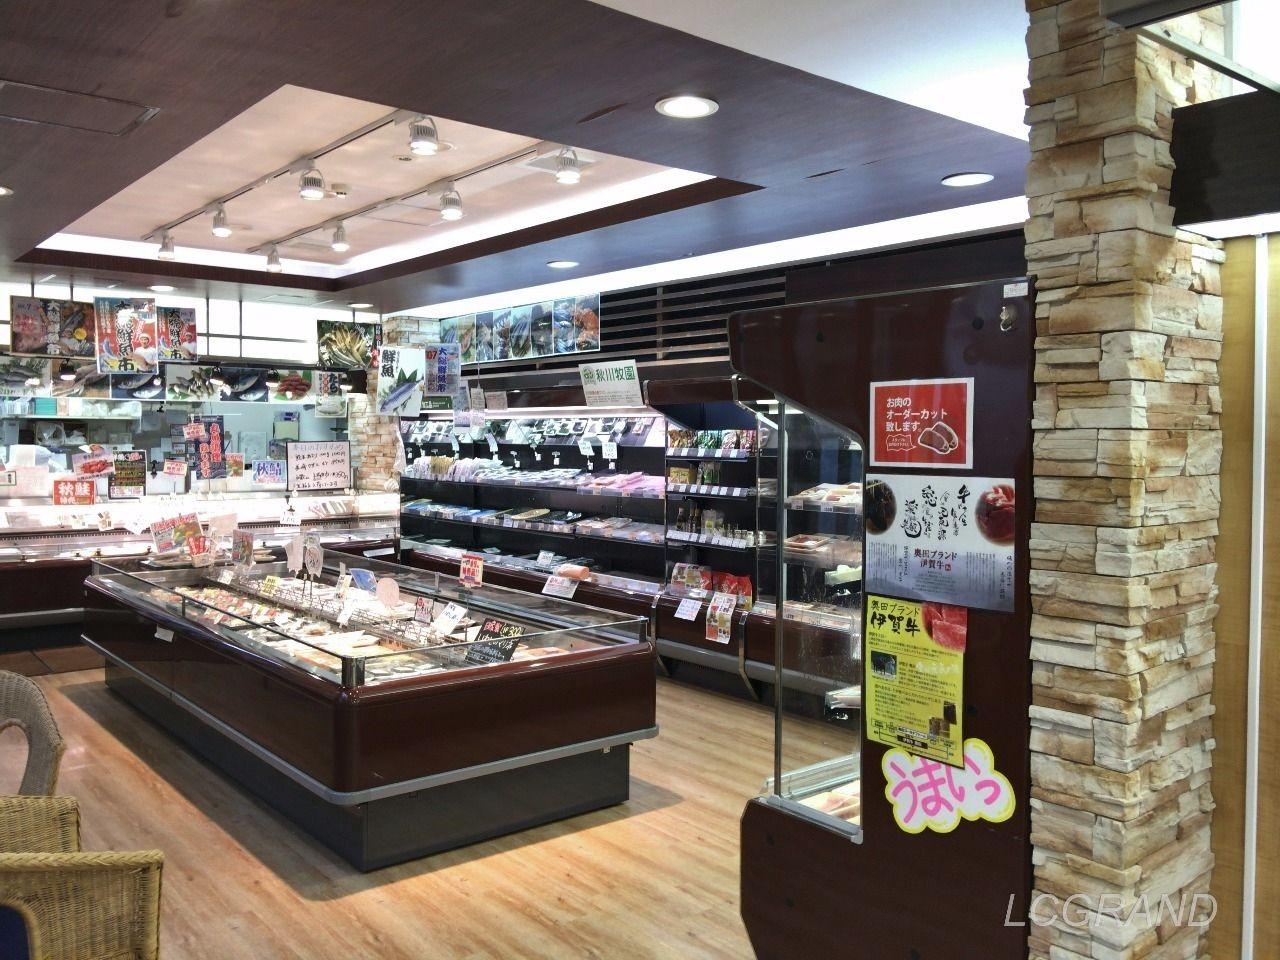 ムスビガーデン桜新町店の鮮魚コーナー